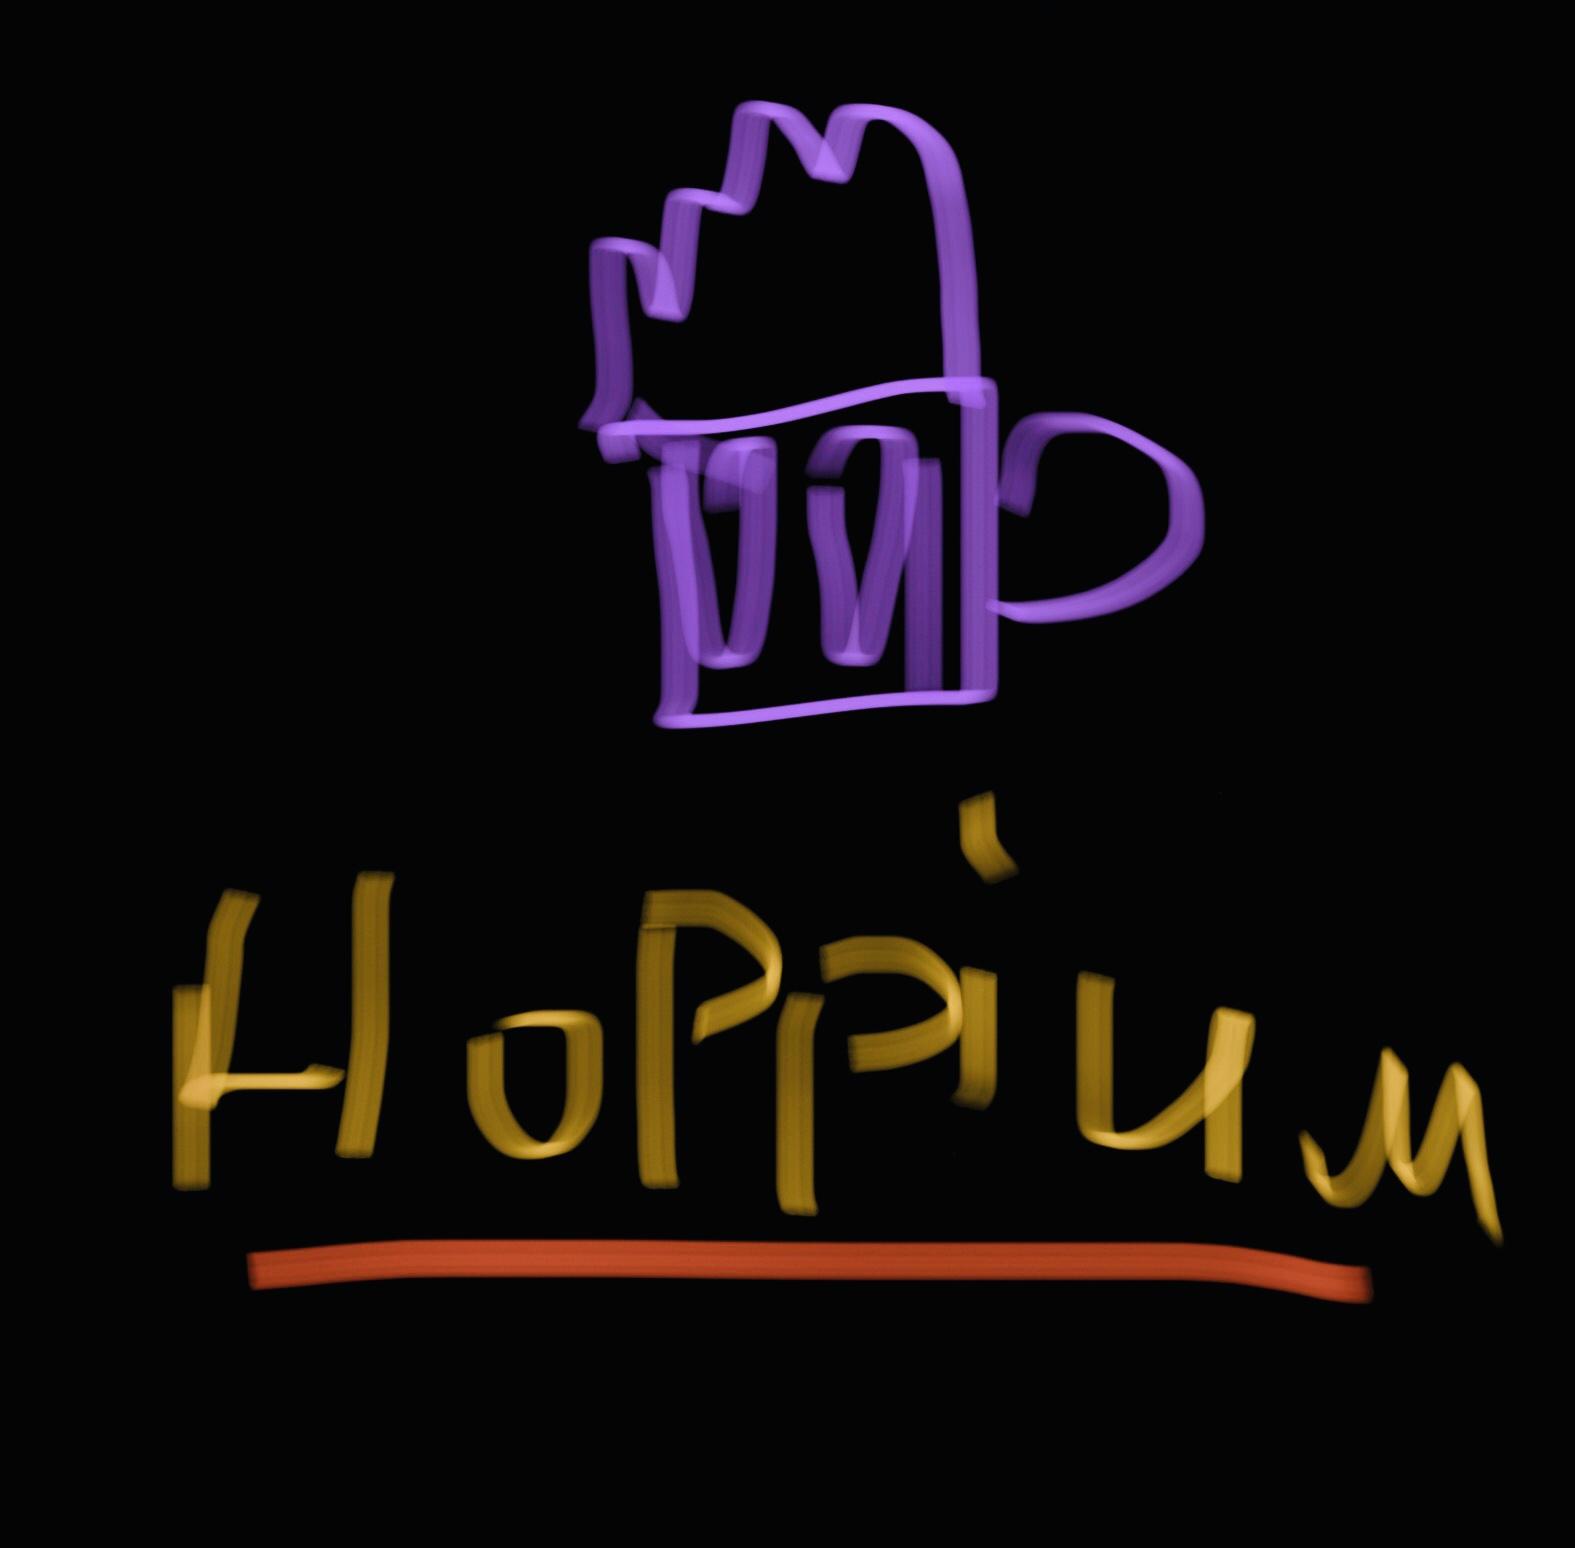 Логотип + Ценники для подмосковной крафтовой пивоварни фото f_5445dbd5e7a0a4c2.jpg